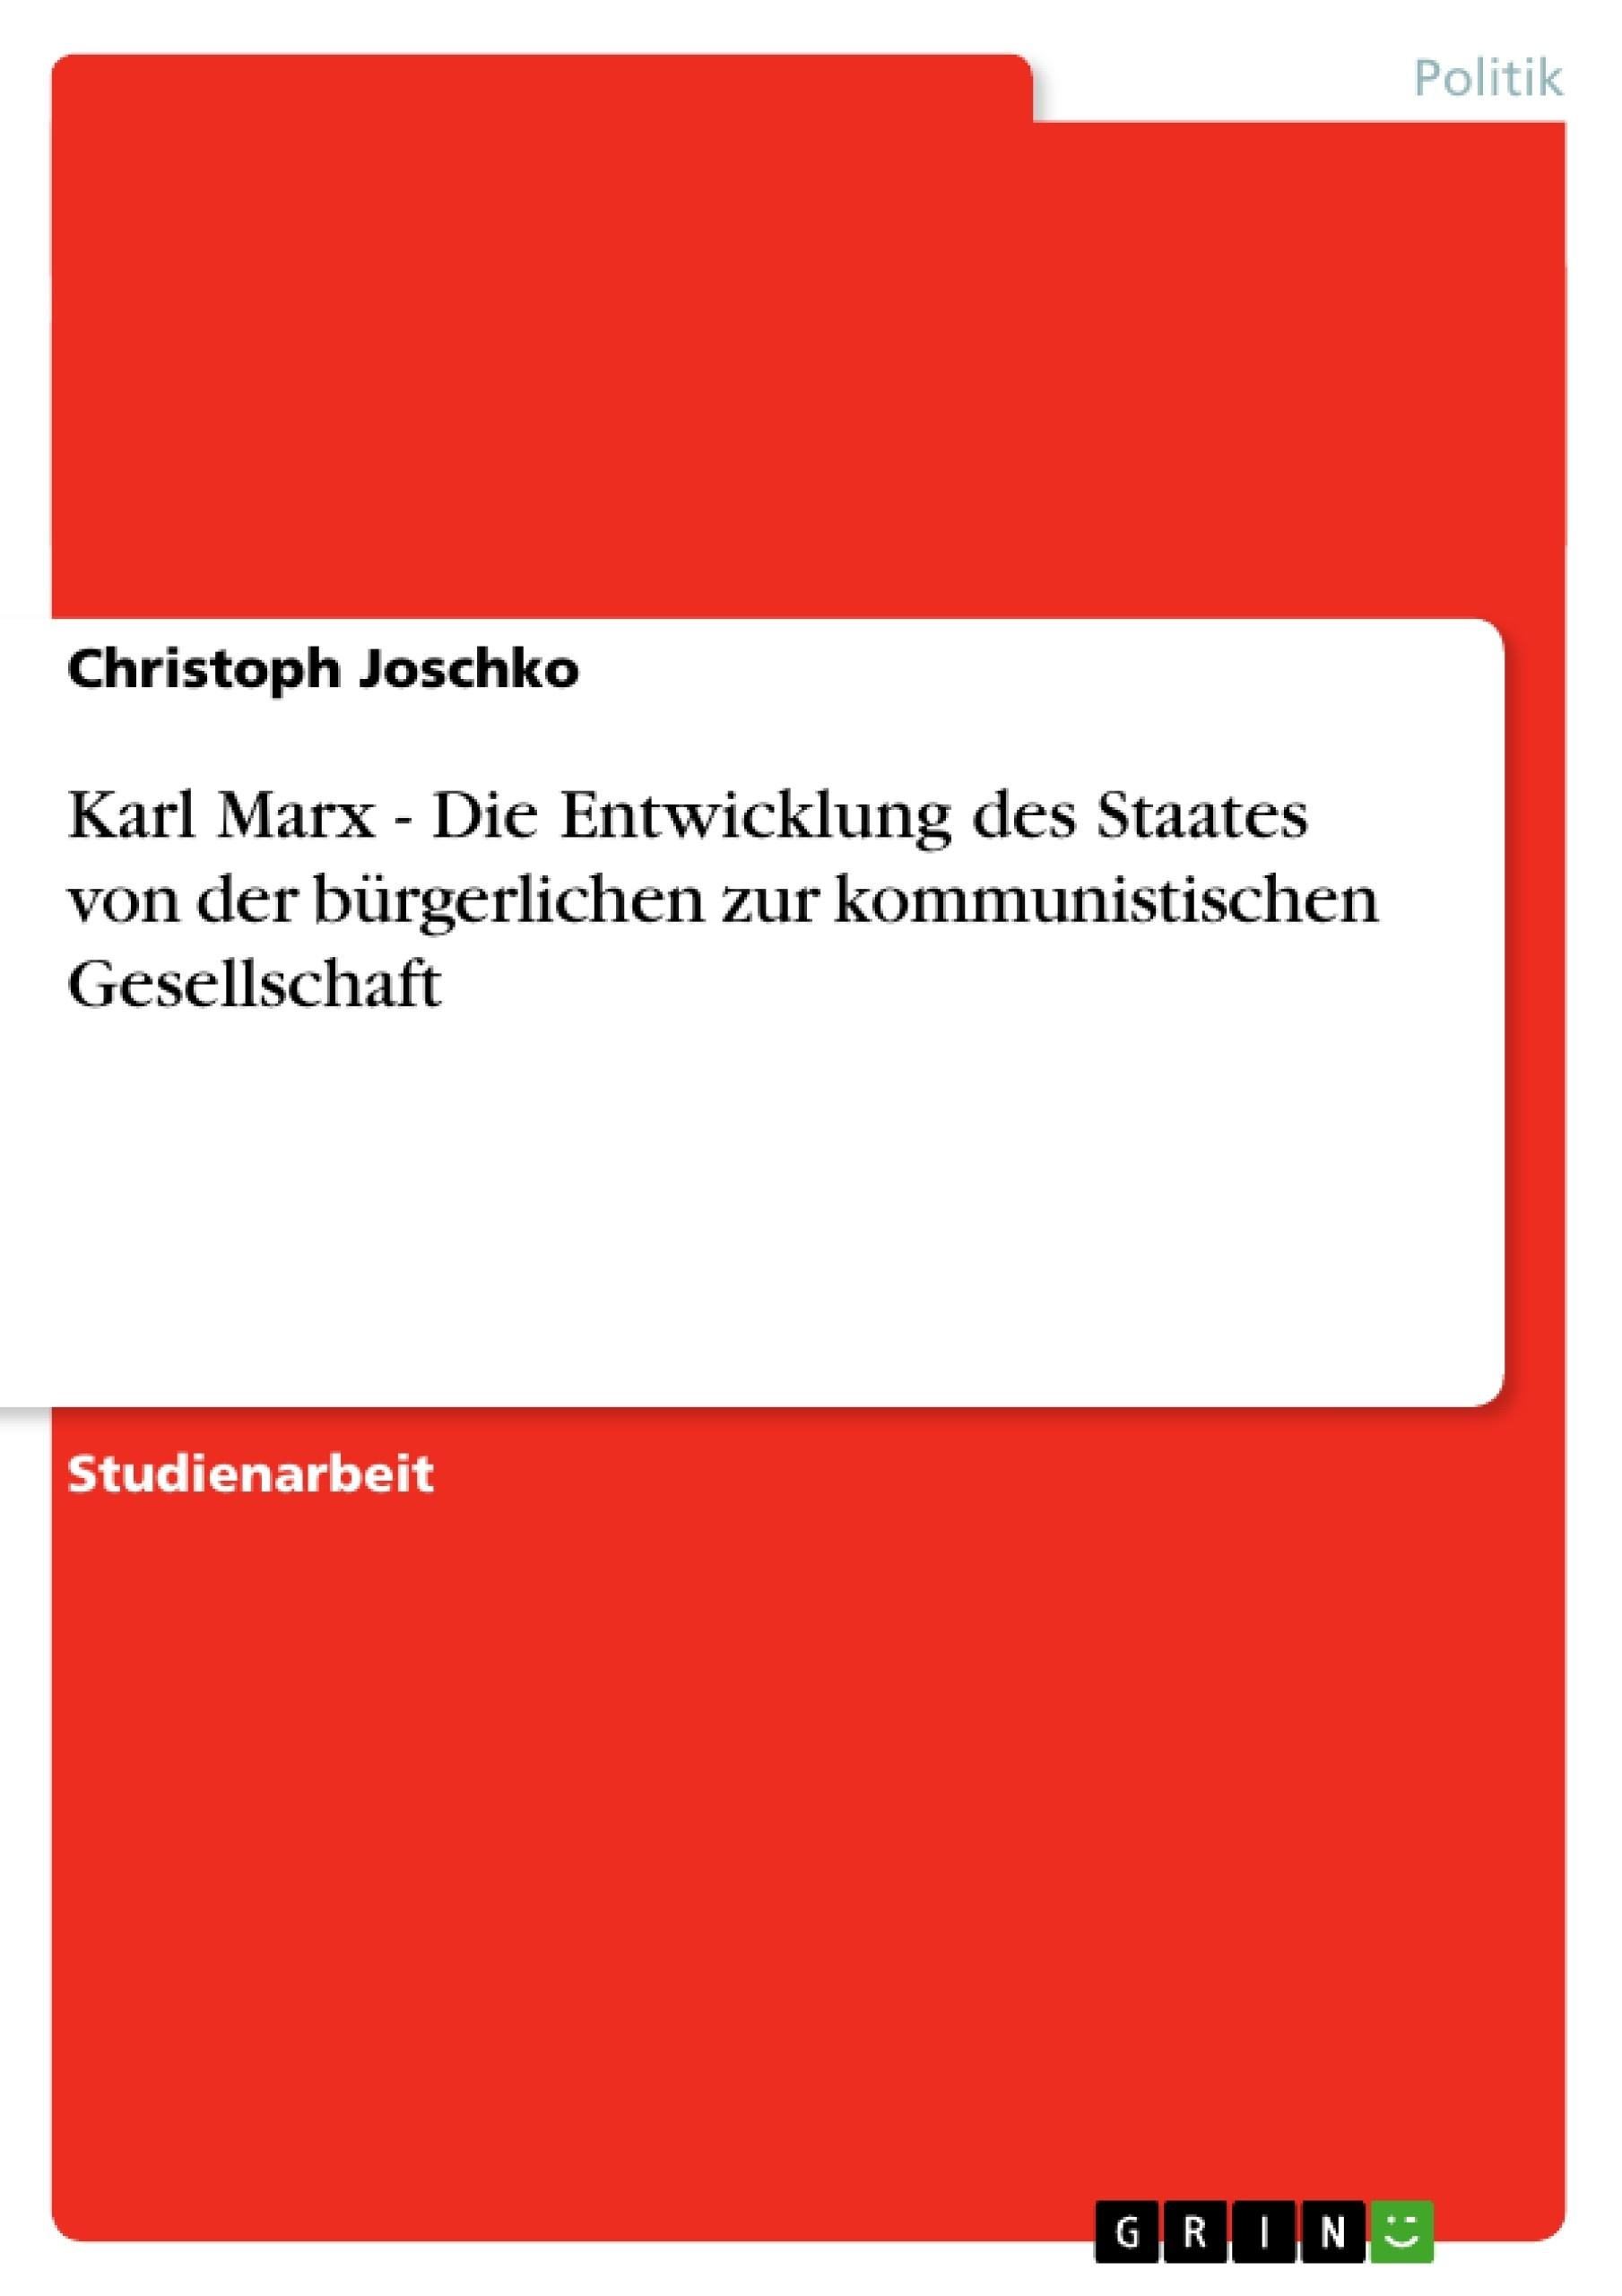 Titel: Karl Marx - Die Entwicklung des Staates von der bürgerlichen zur kommunistischen Gesellschaft